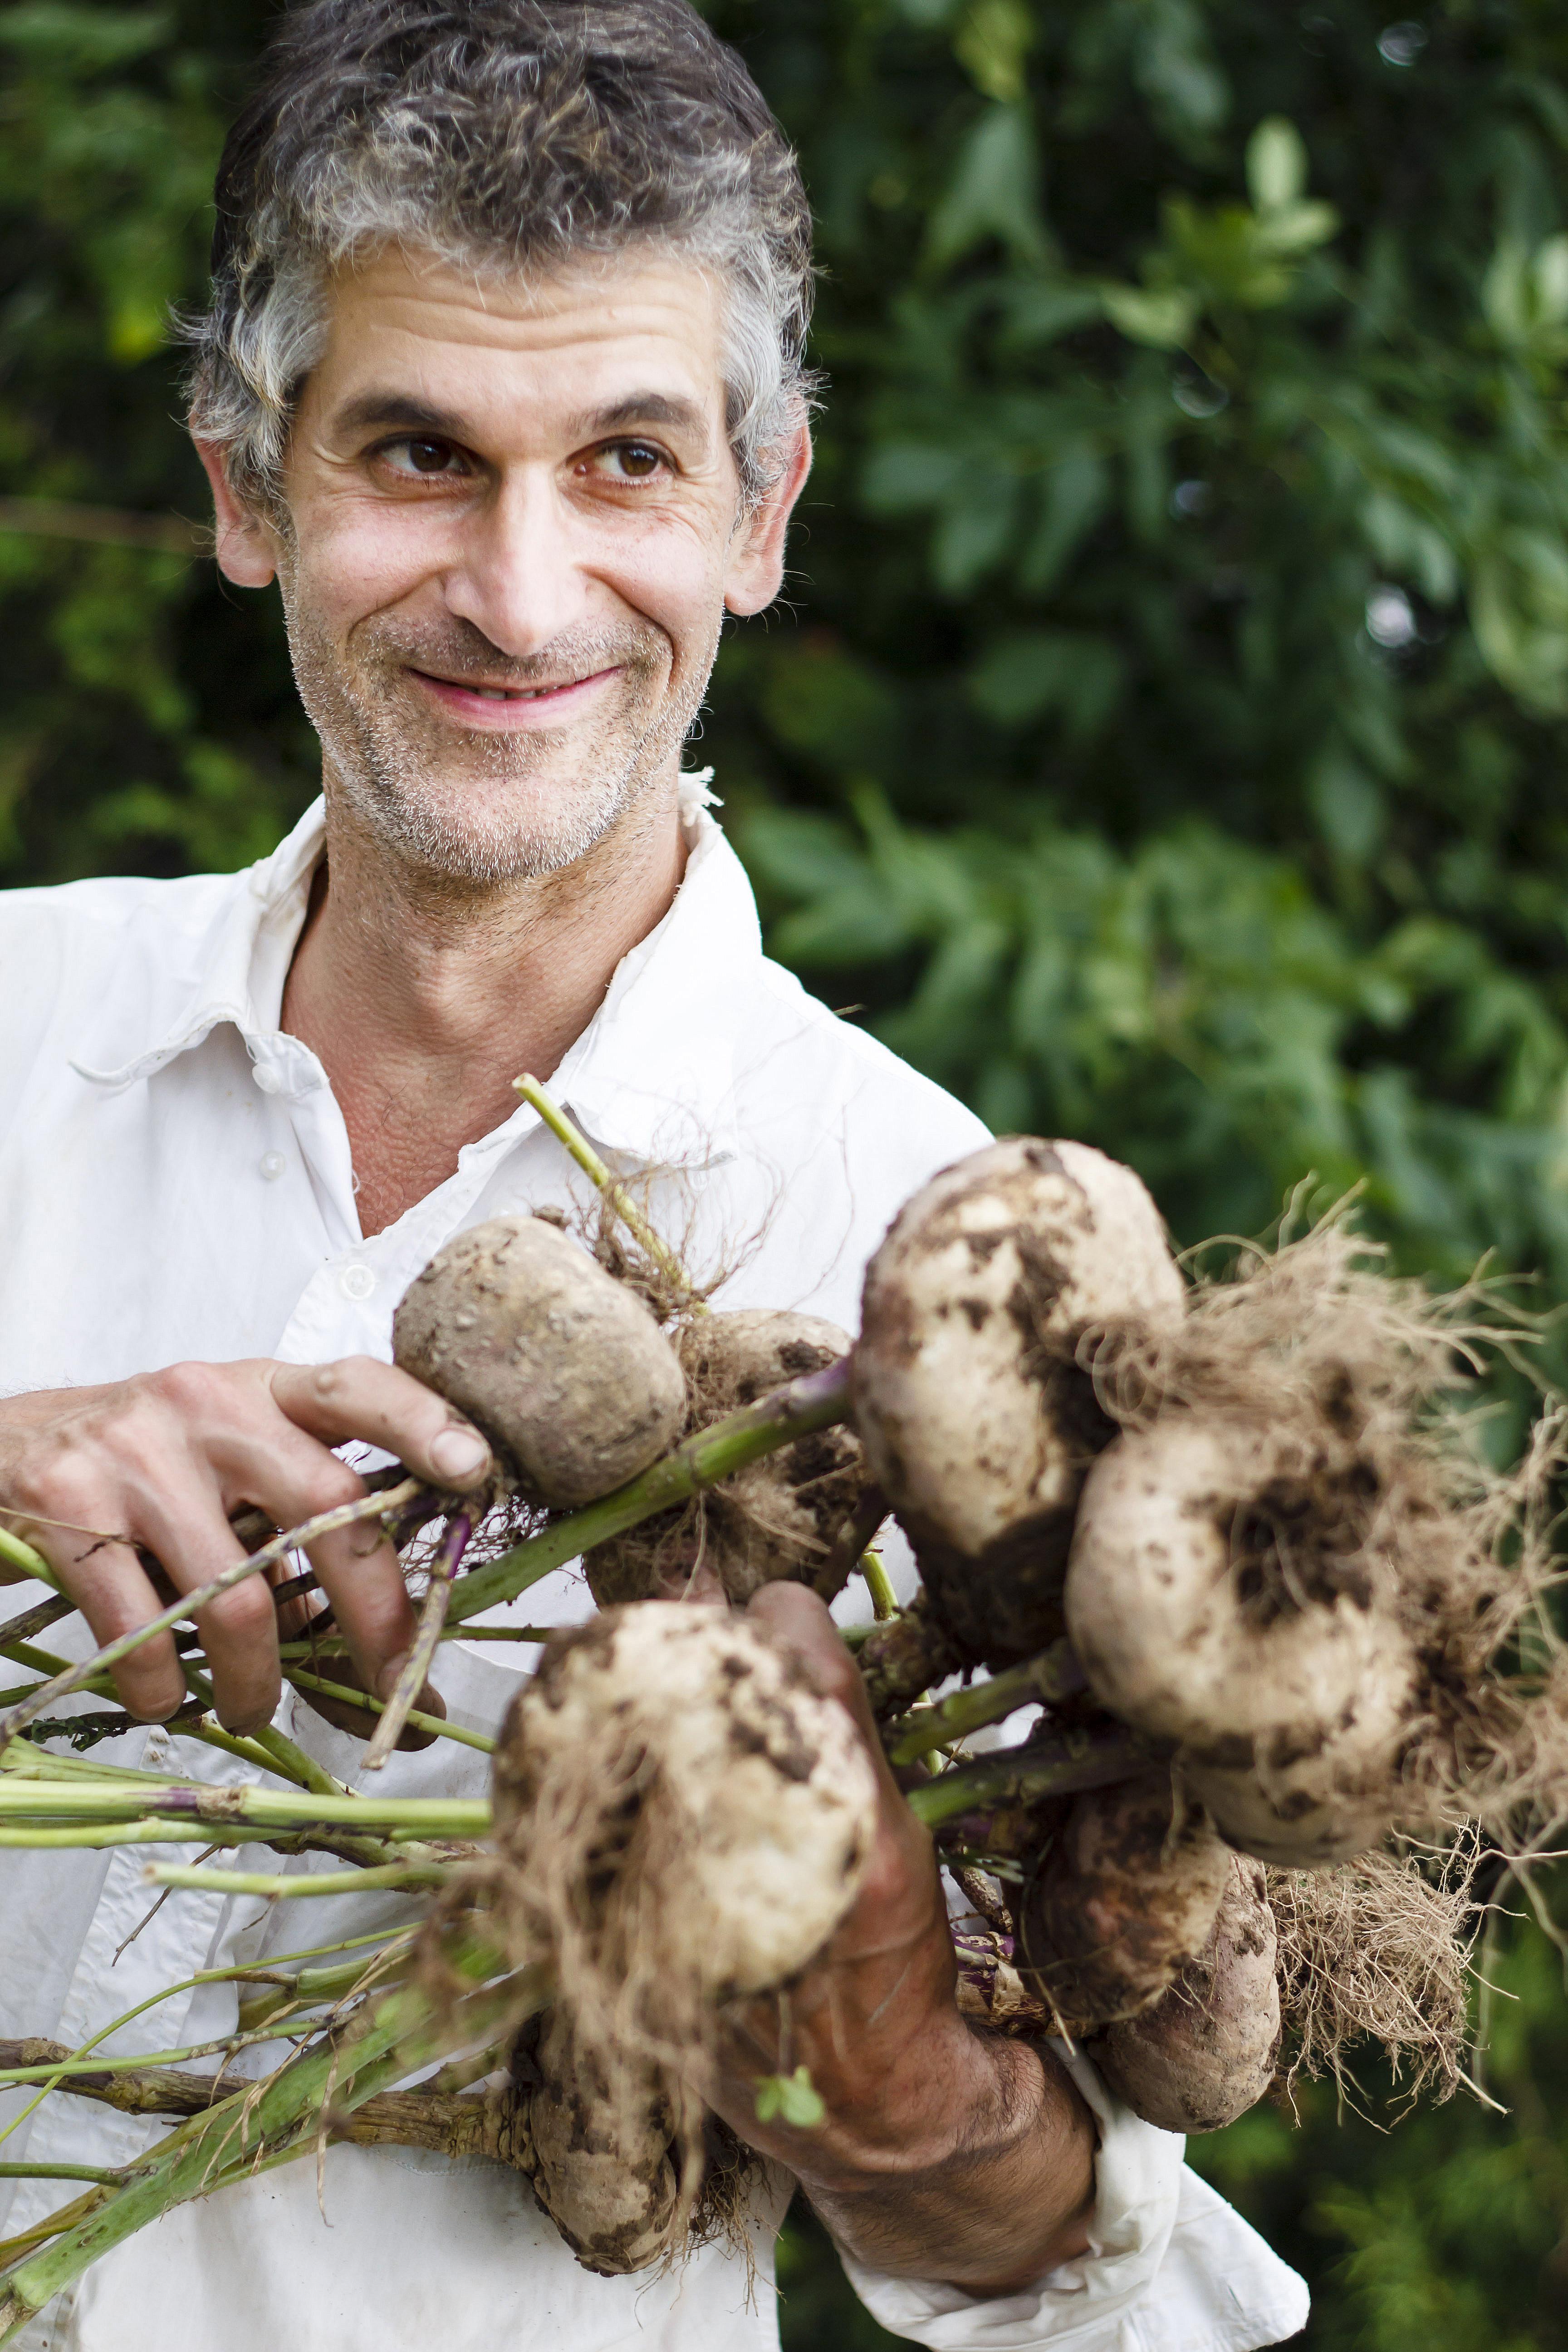 Homme avec des oignons